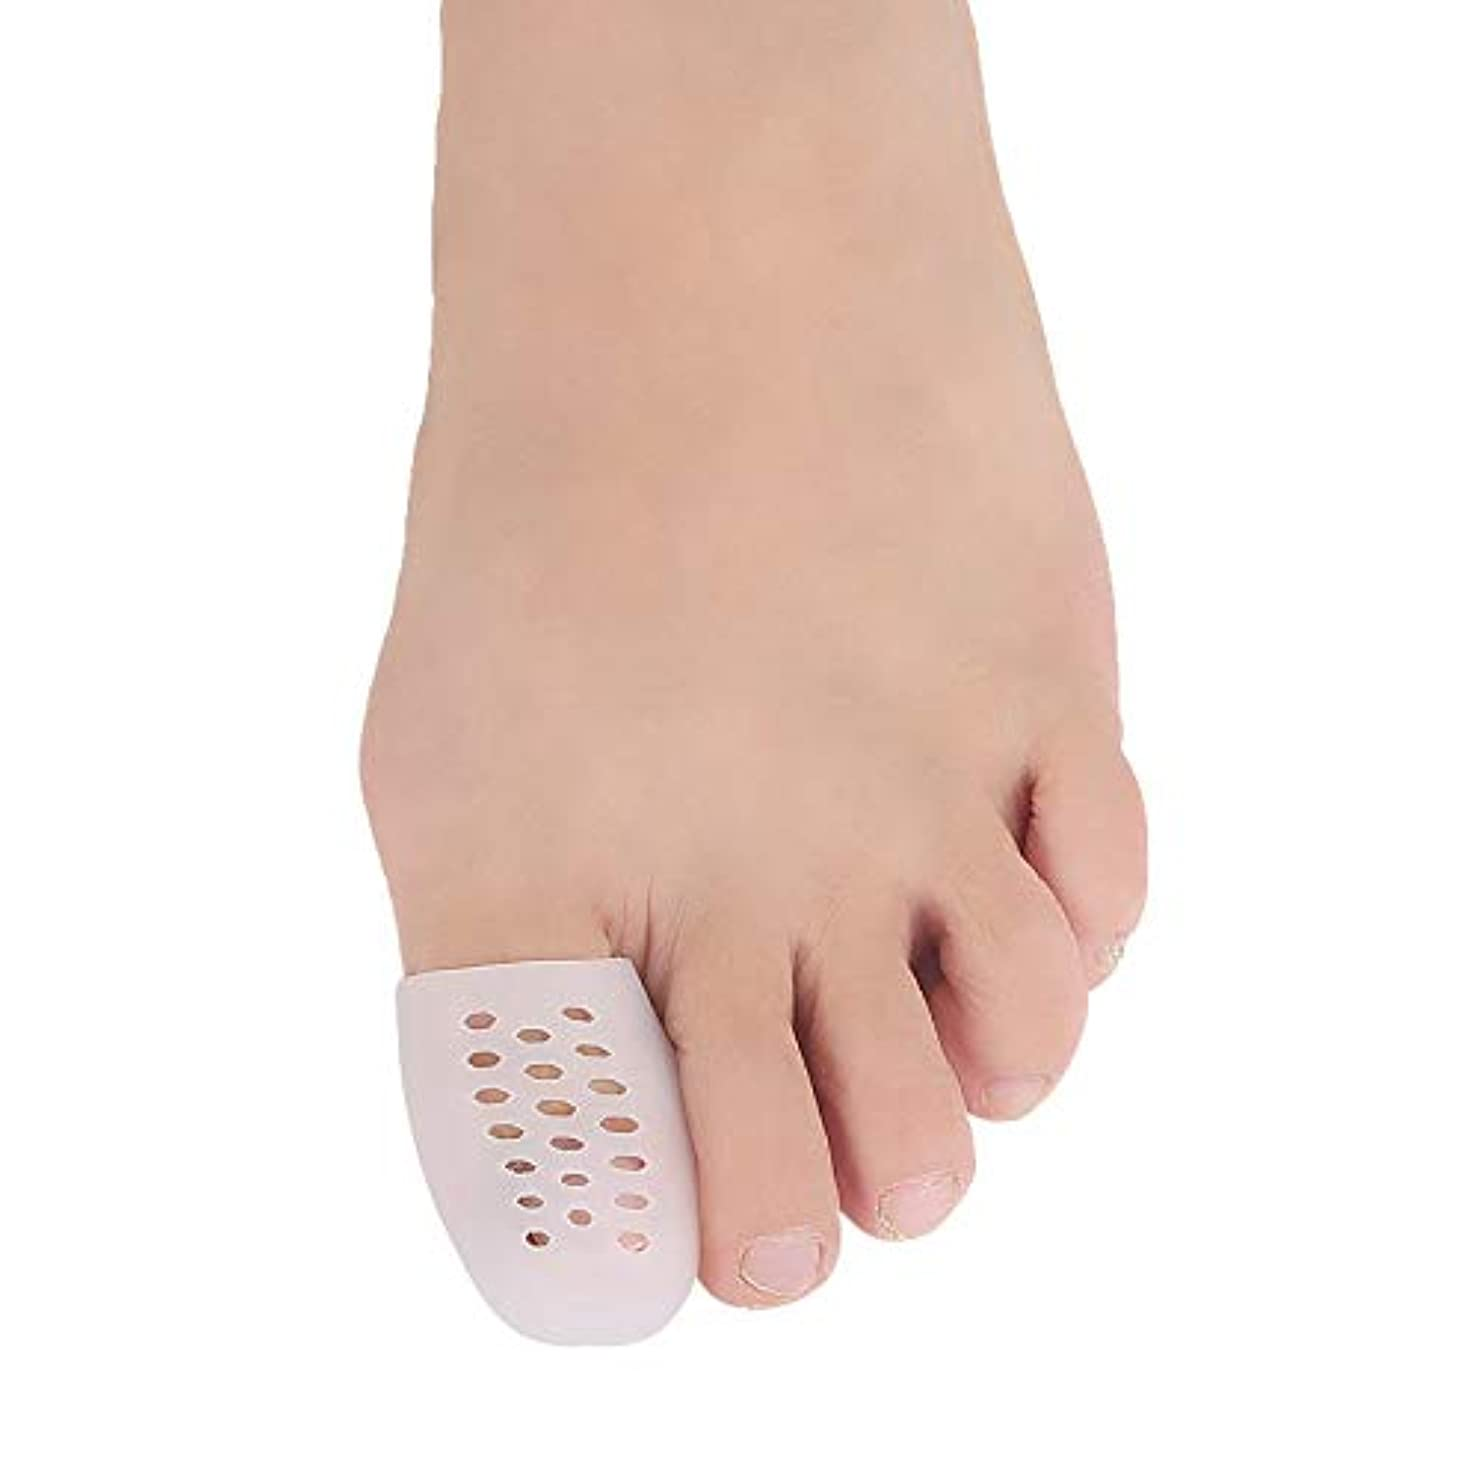 弱い鳴り響くペルソナZAYAR 足指保護キャップ 足先のつめ保護キャップ つま先プロテクター シリコン 趾痛み軽減